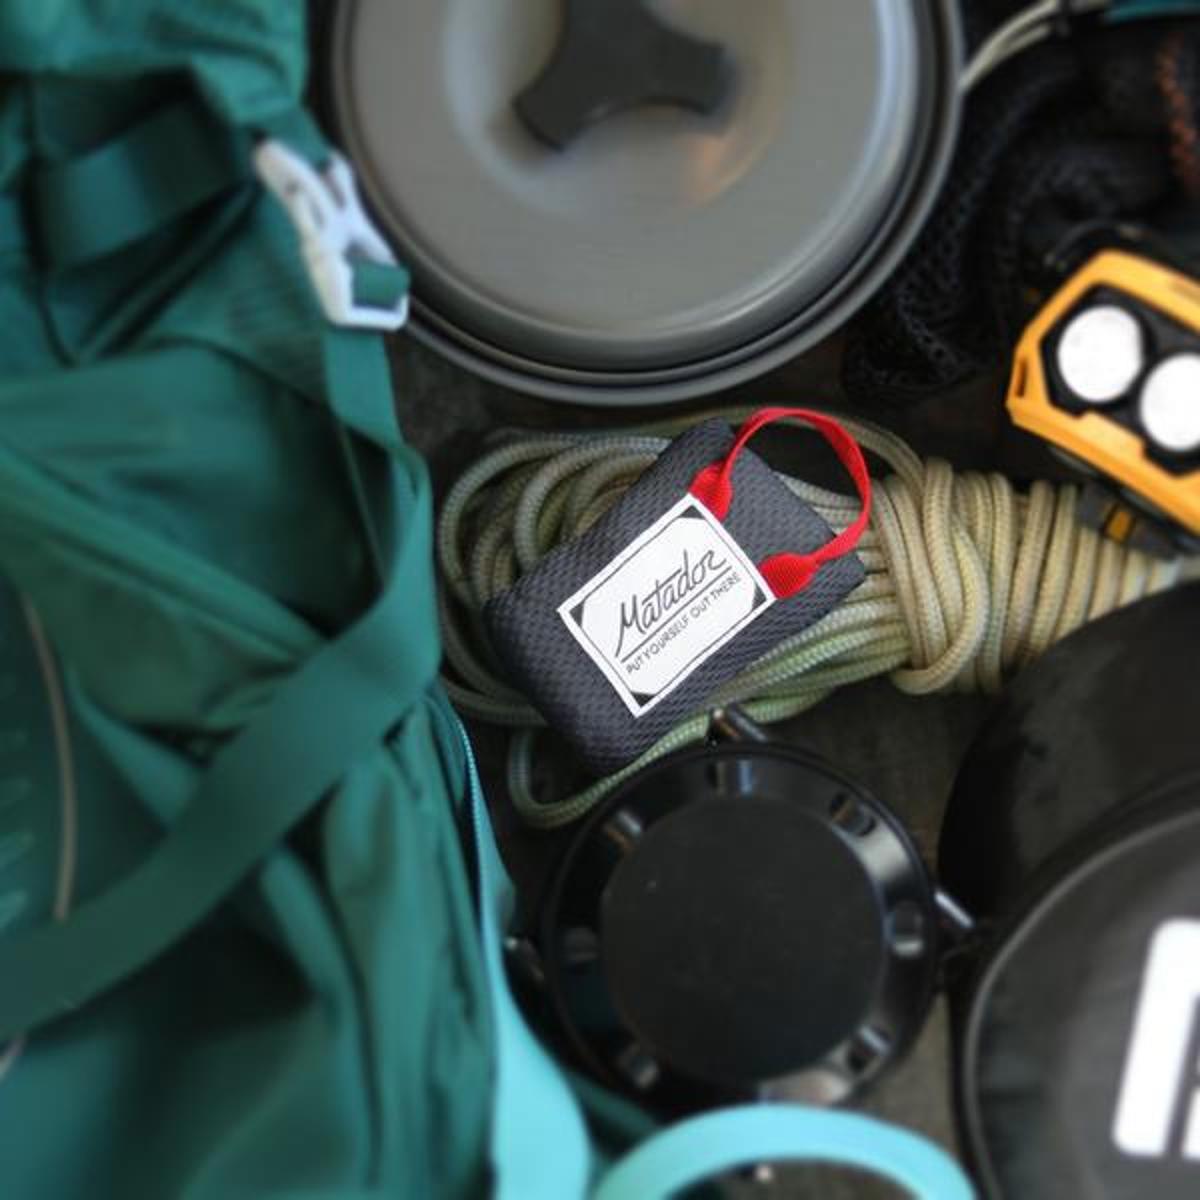 手のひらサイズになる大容量バッグ|《1人用》いろんな場面で大活躍する、指先サイズにたためる撥水仕様のレジャーシート|Matador MINI POCKET BLANKET